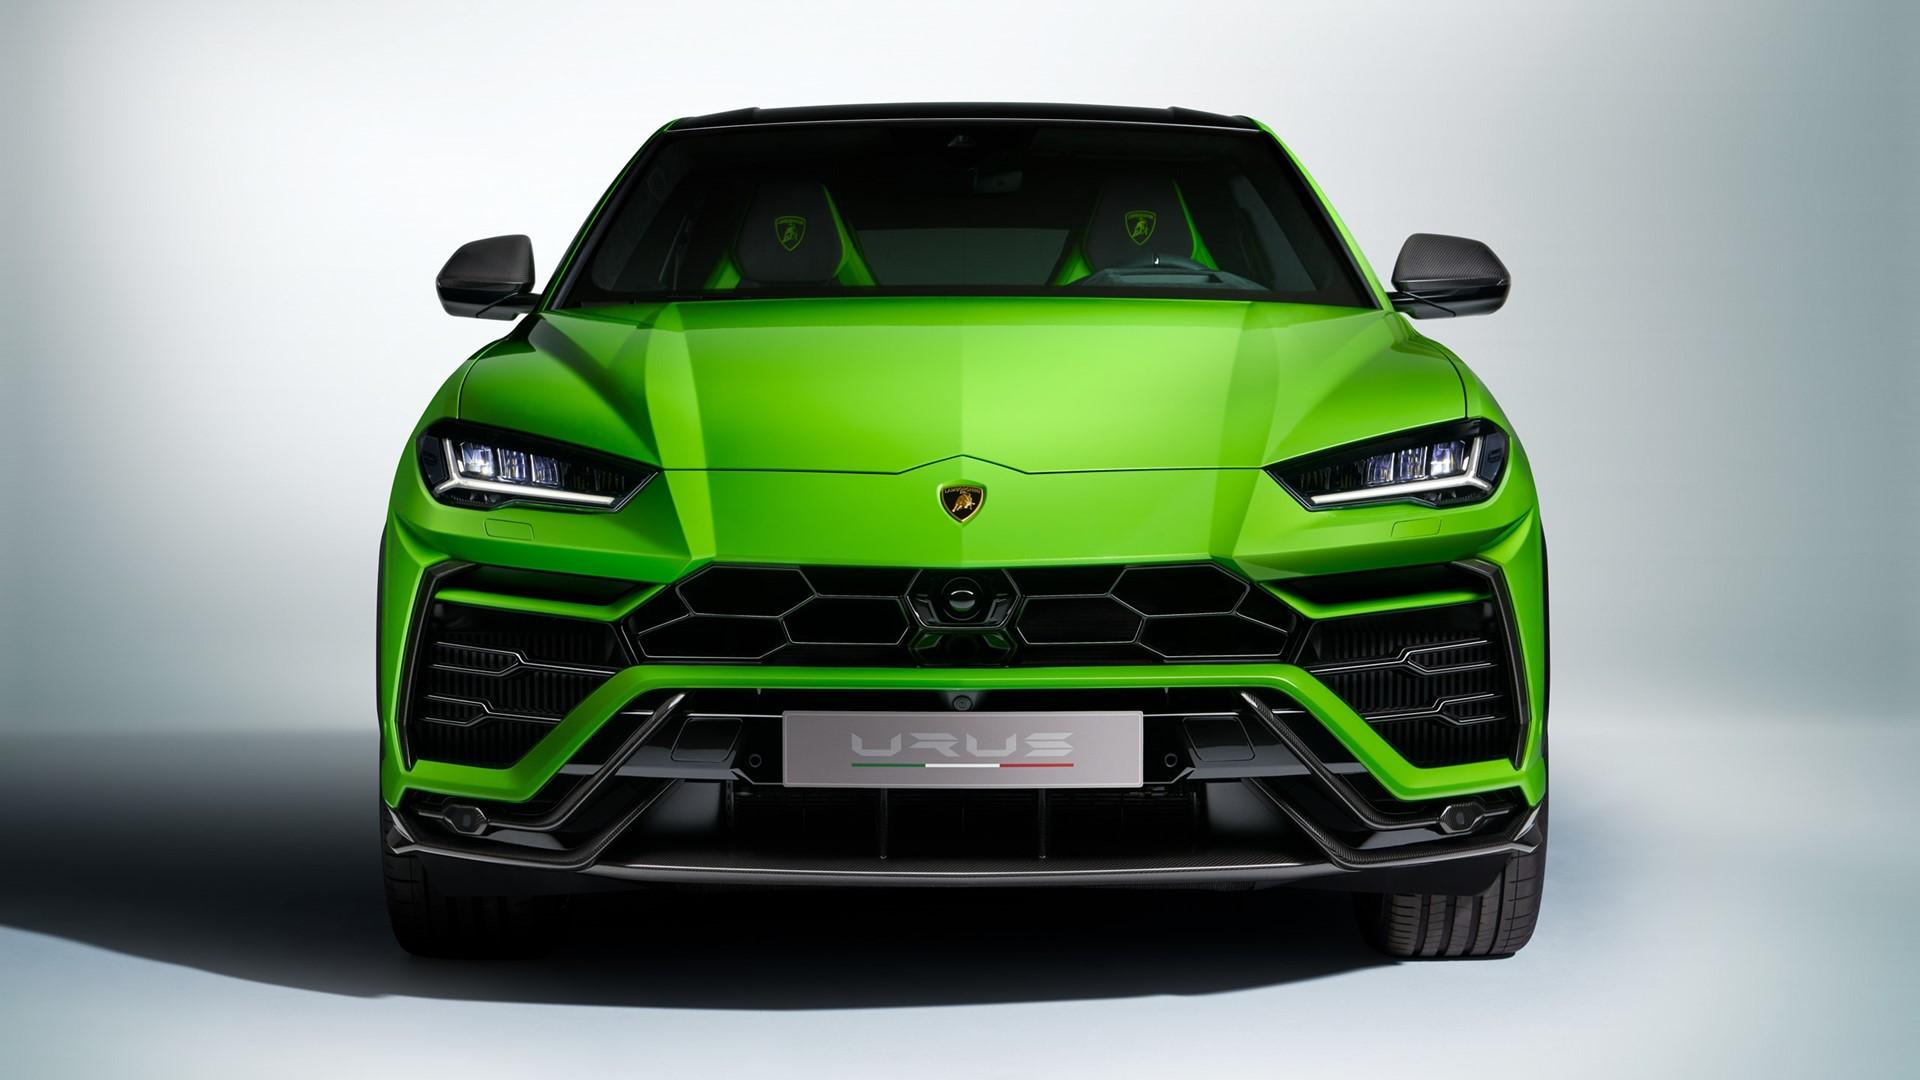 Automobili Lamborghini presents the Urus Pearl Capsule: unlocking new adventures in color for the Lamborghini Urus - Image 2